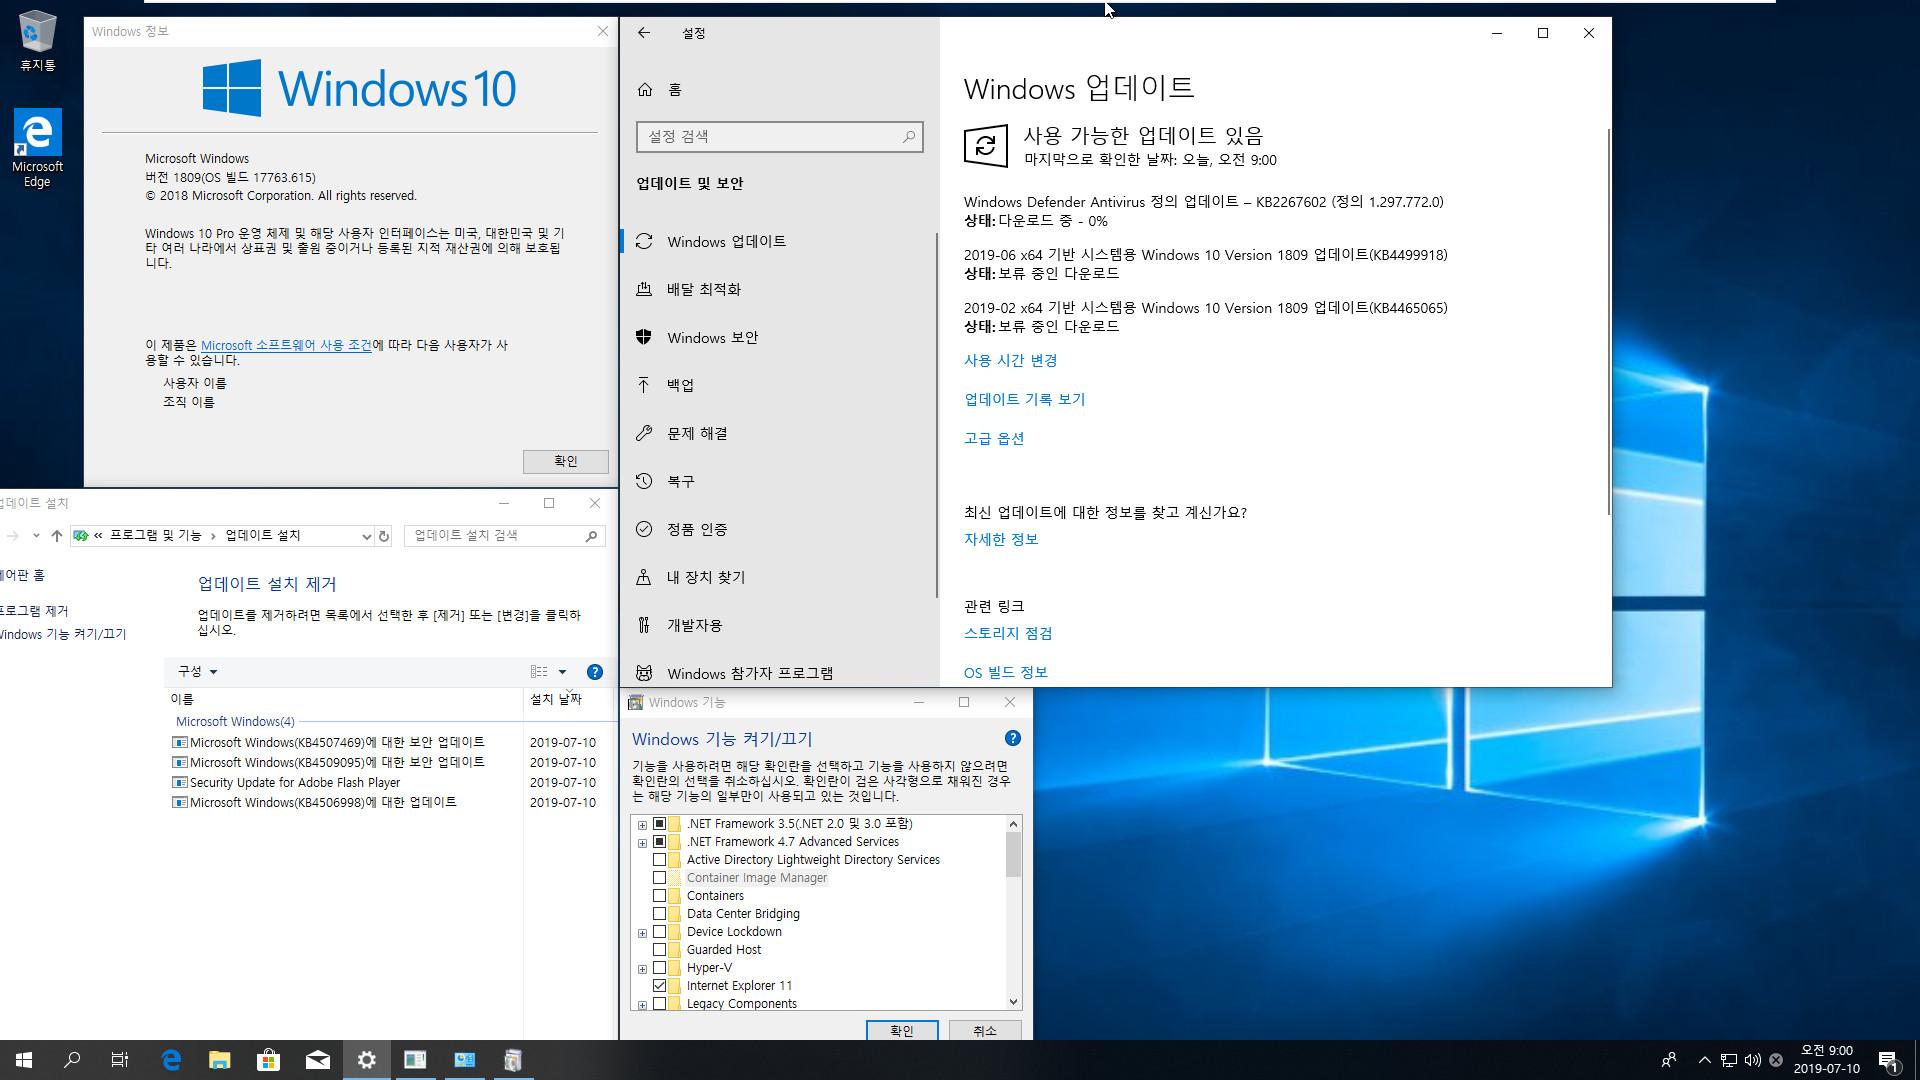 2019-07-10 정기 업데이트 - Windows 10 버전 1809 누적 업데이트 KB4507469 (OS 빌드 17763.615) [2019-07-09 일자] 통합중 입니다 - 64비트 확인 2019-07-10_090039.jpg